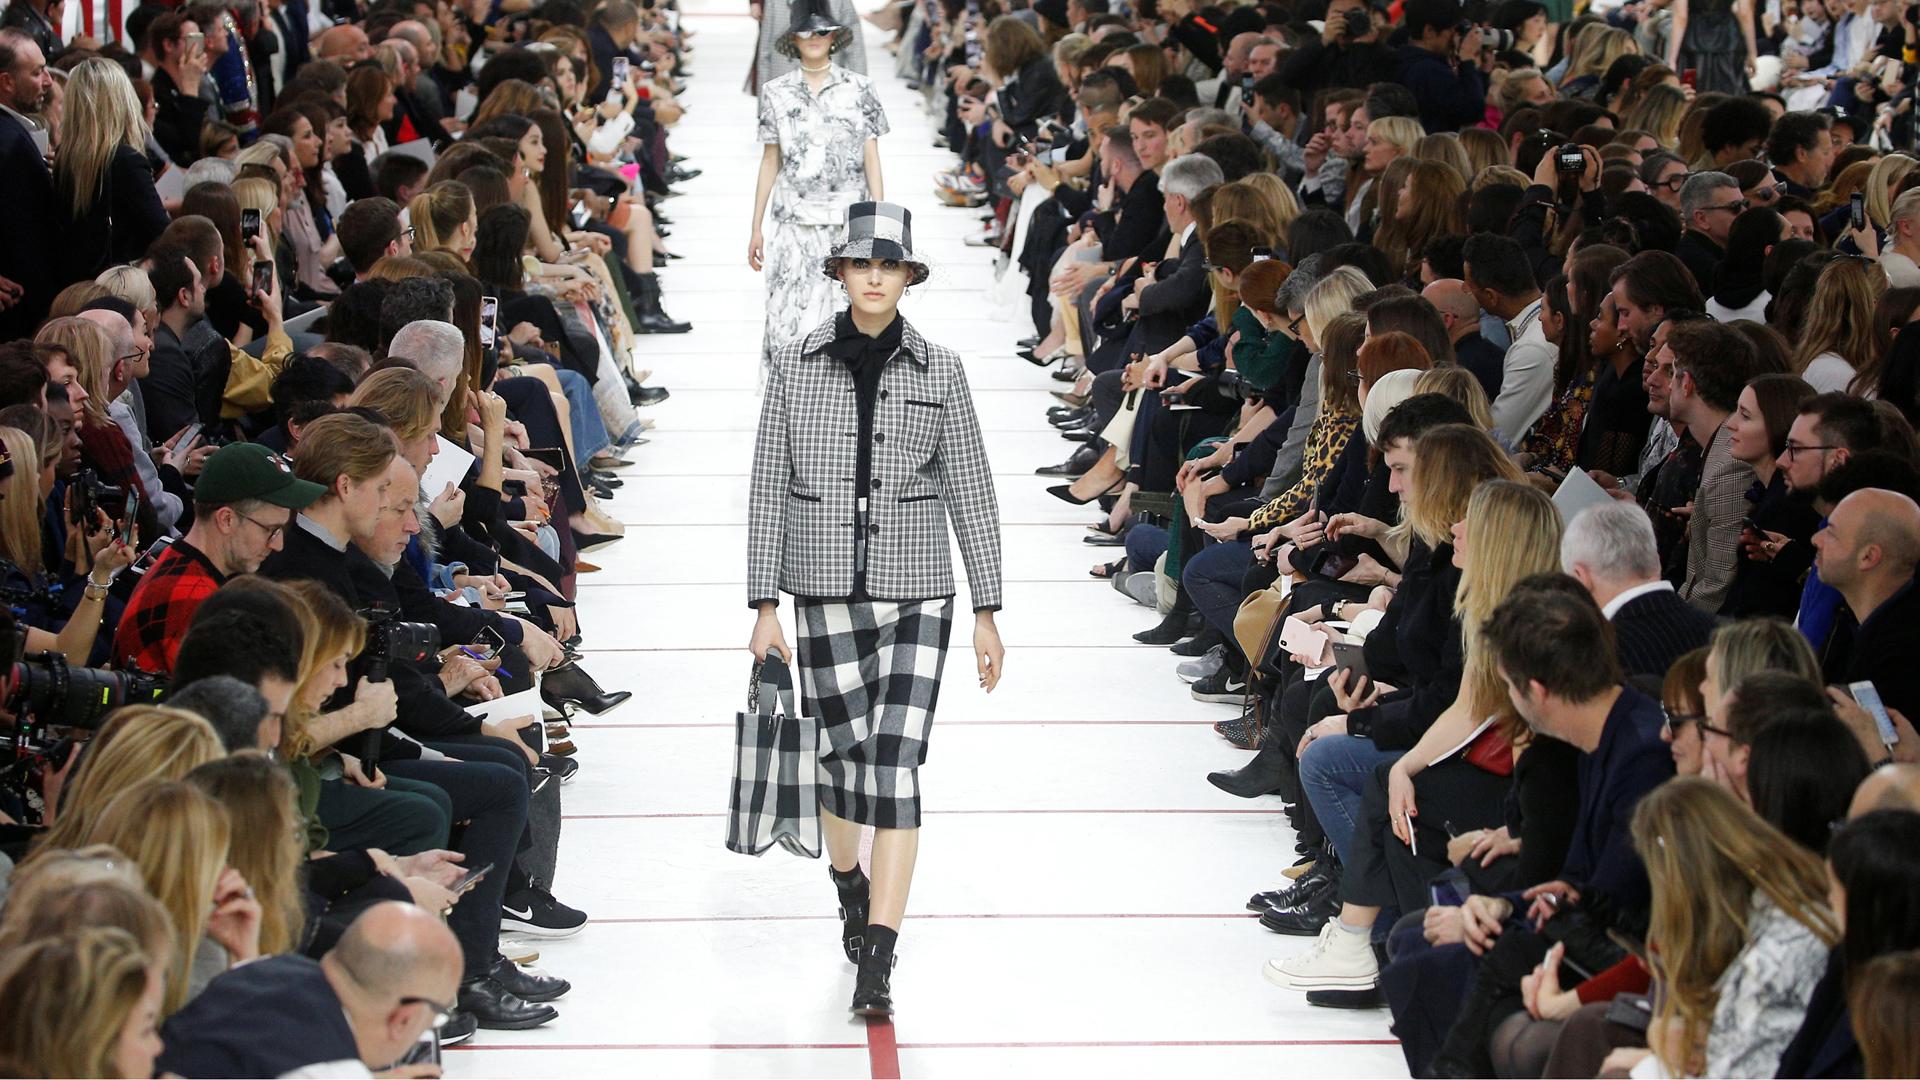 Maria Grazia Chiuri presentó la colección de invierno de Dior donde predominó el cuadrill y se llevó todos los aplausos de los parisinos. La recreación de los años 50 y la inspiración británica fueron el eje de la nueva colección de la diseñadora italiana